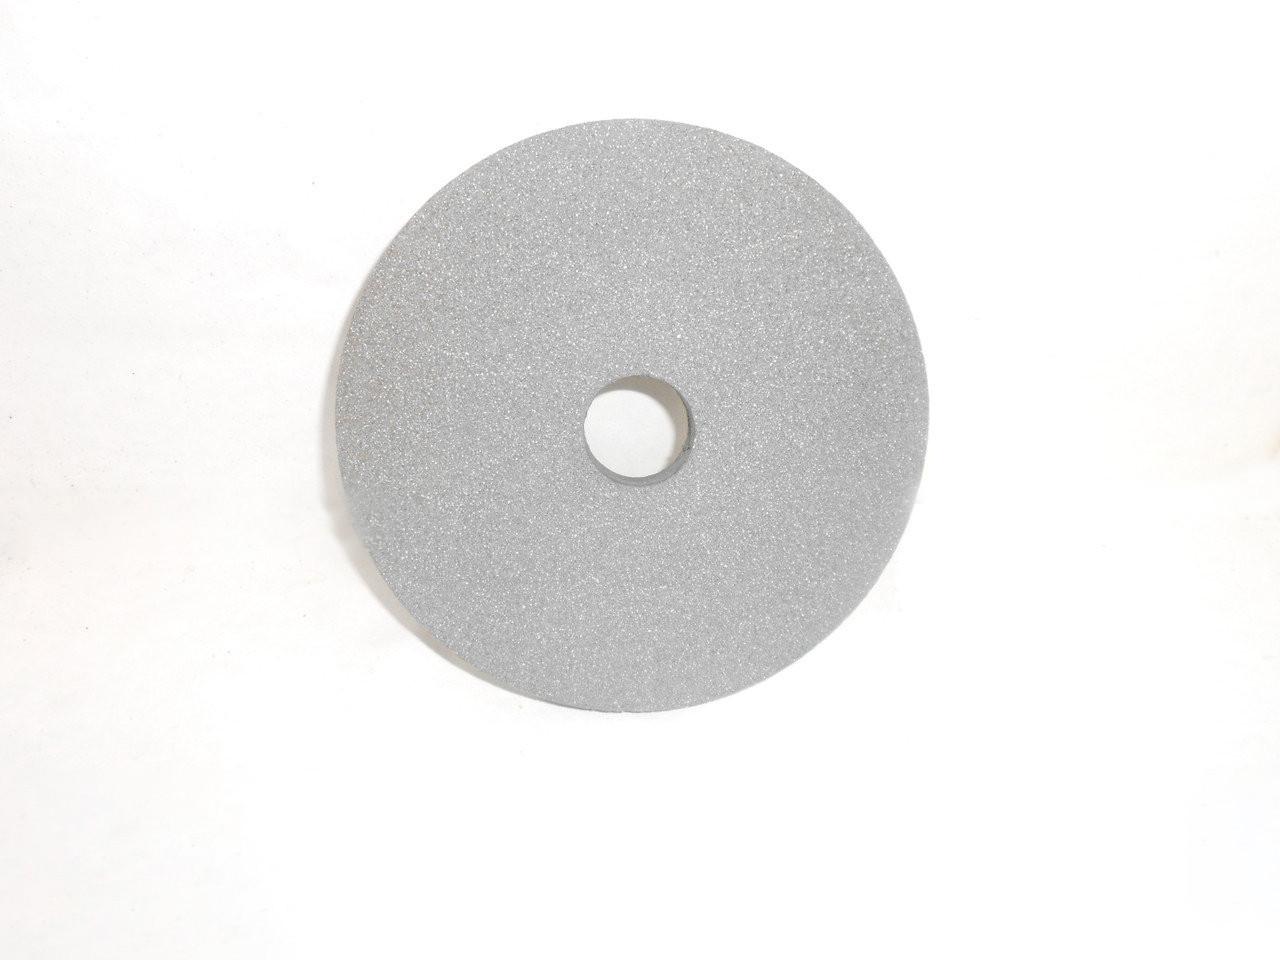 Круг шлифовальный 14А ПП 500х50х305  25-40 СМ-СТ